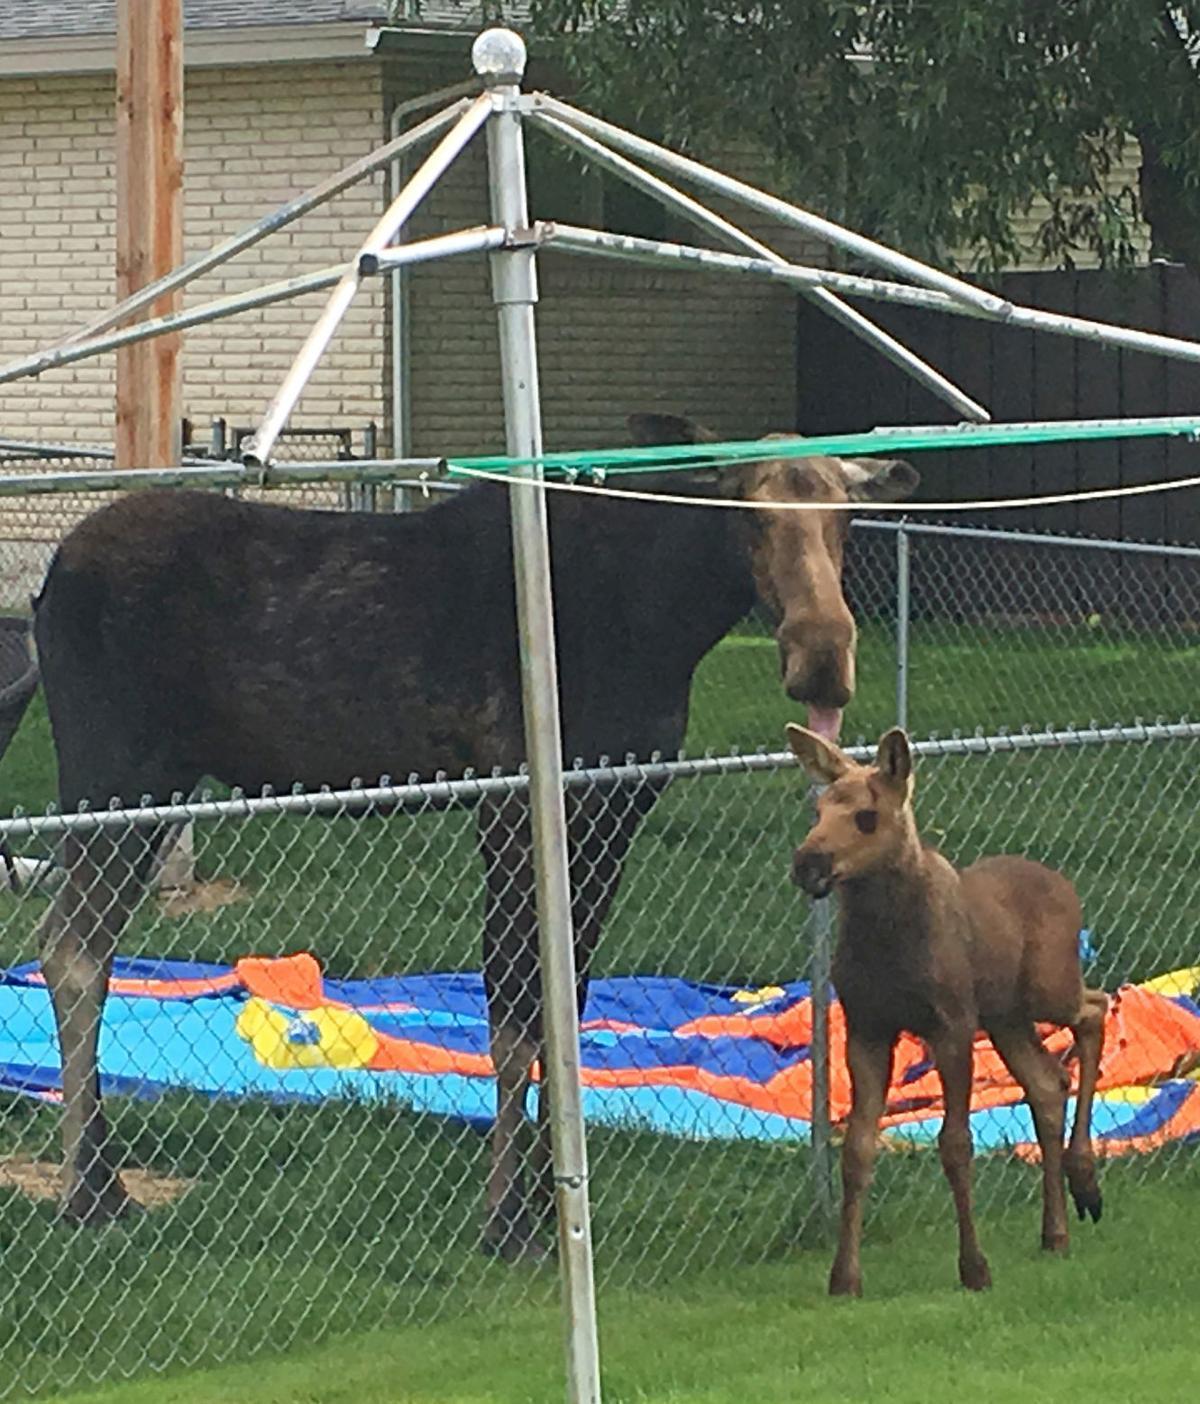 Backyard moose